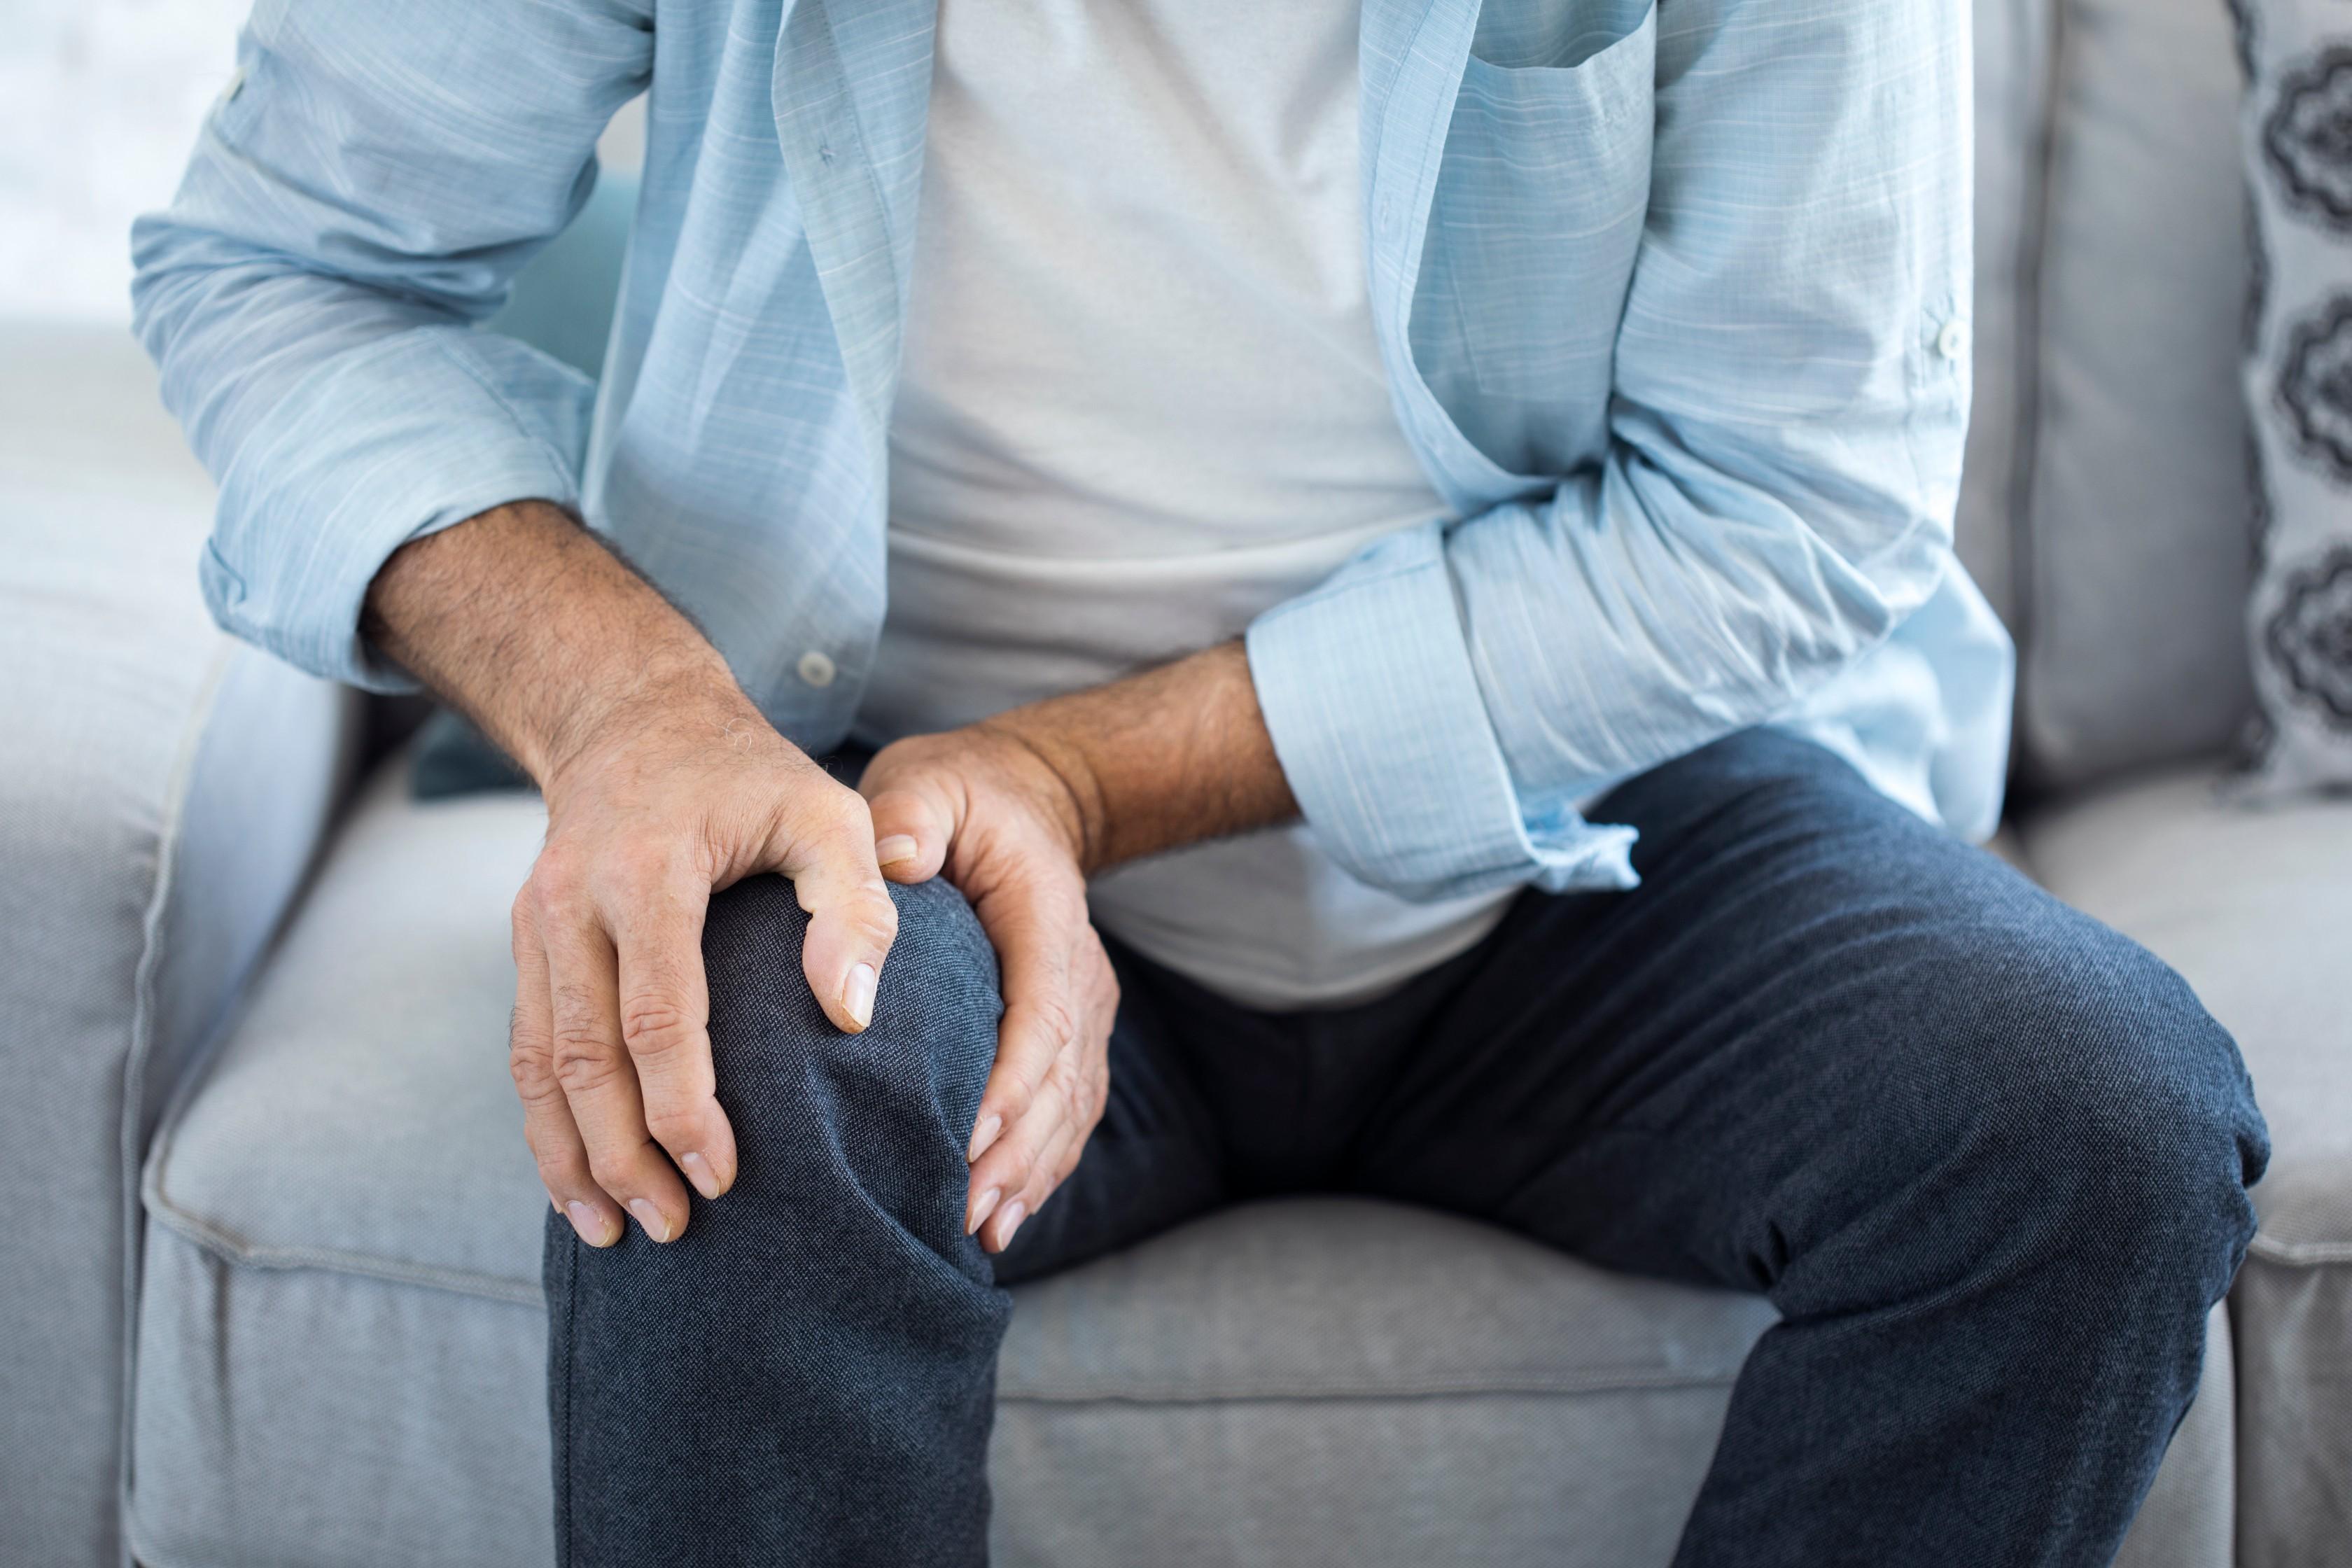 hogyan lehet kiküszöbölni a lábízület fájdalmát